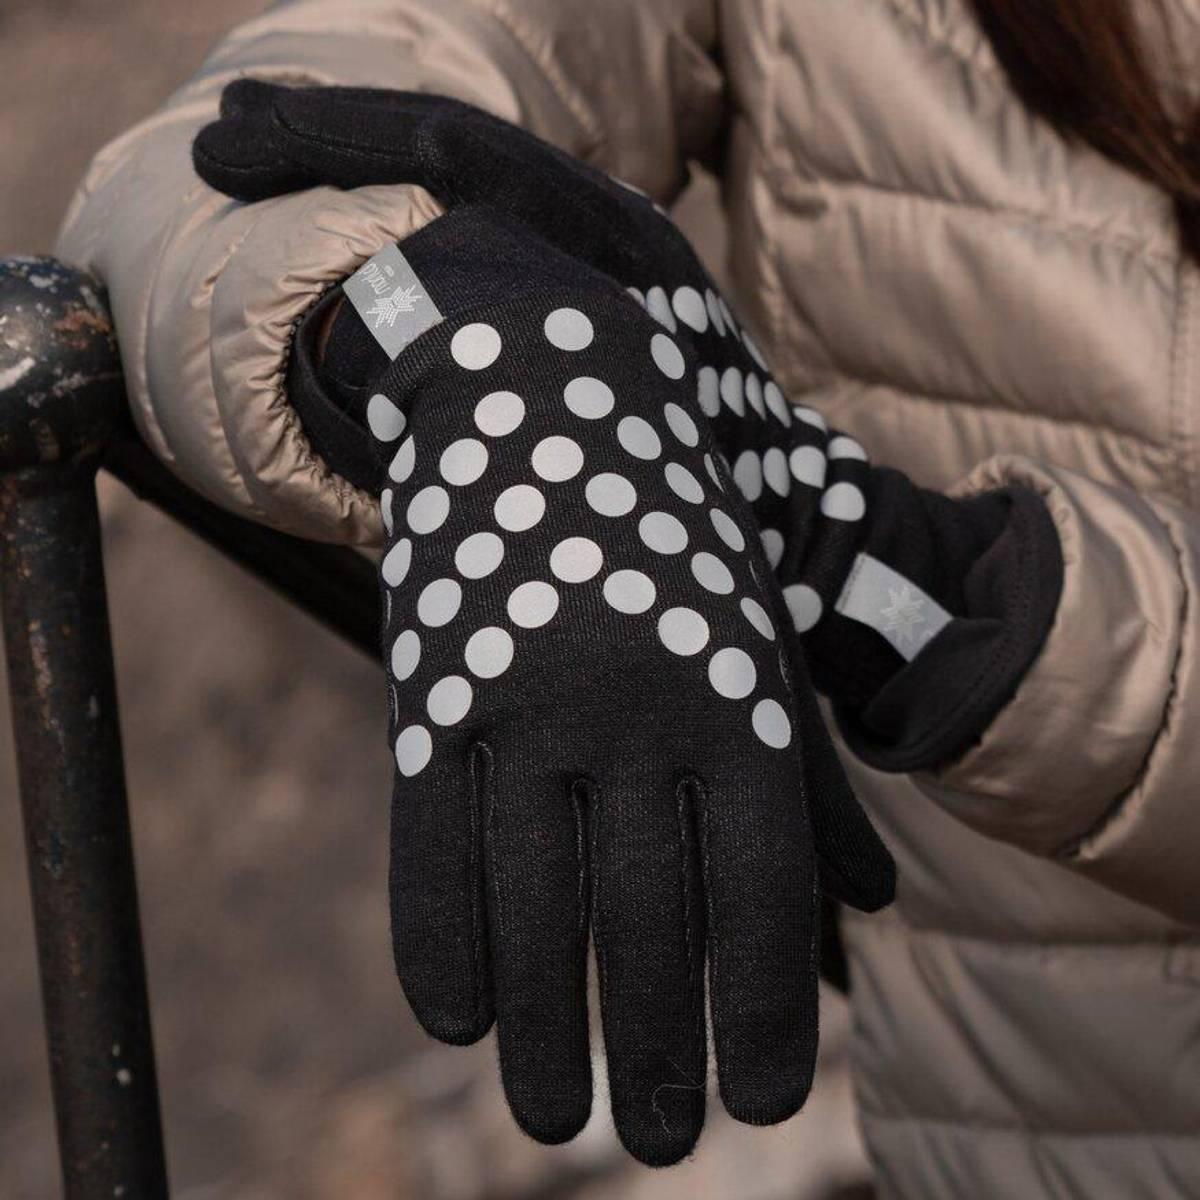 Morild Sølvfaks hansker med refleks, sort